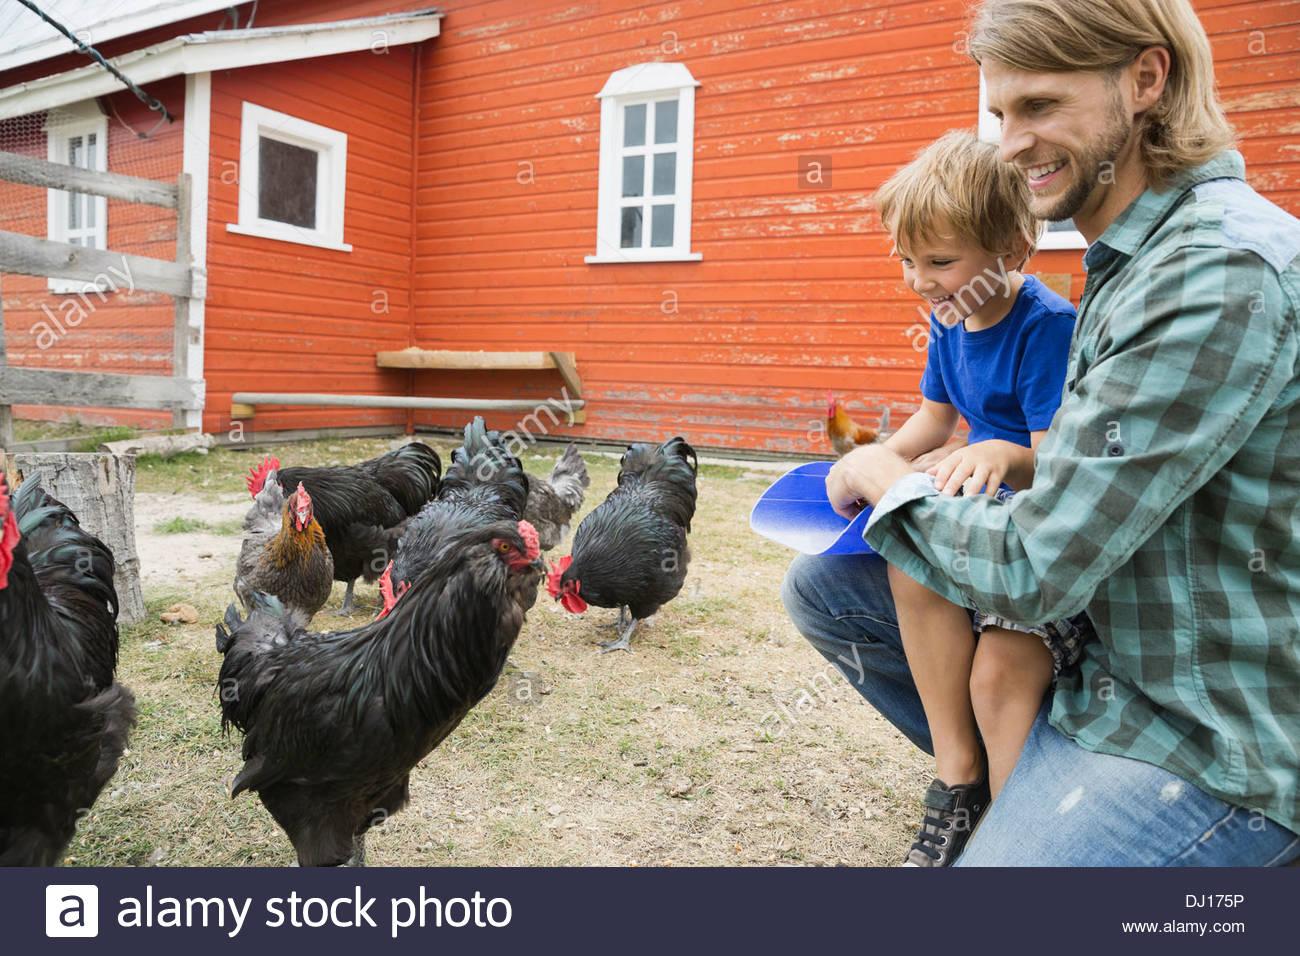 Vater und Sohn auf Bauernhof Hühner füttern Stockbild